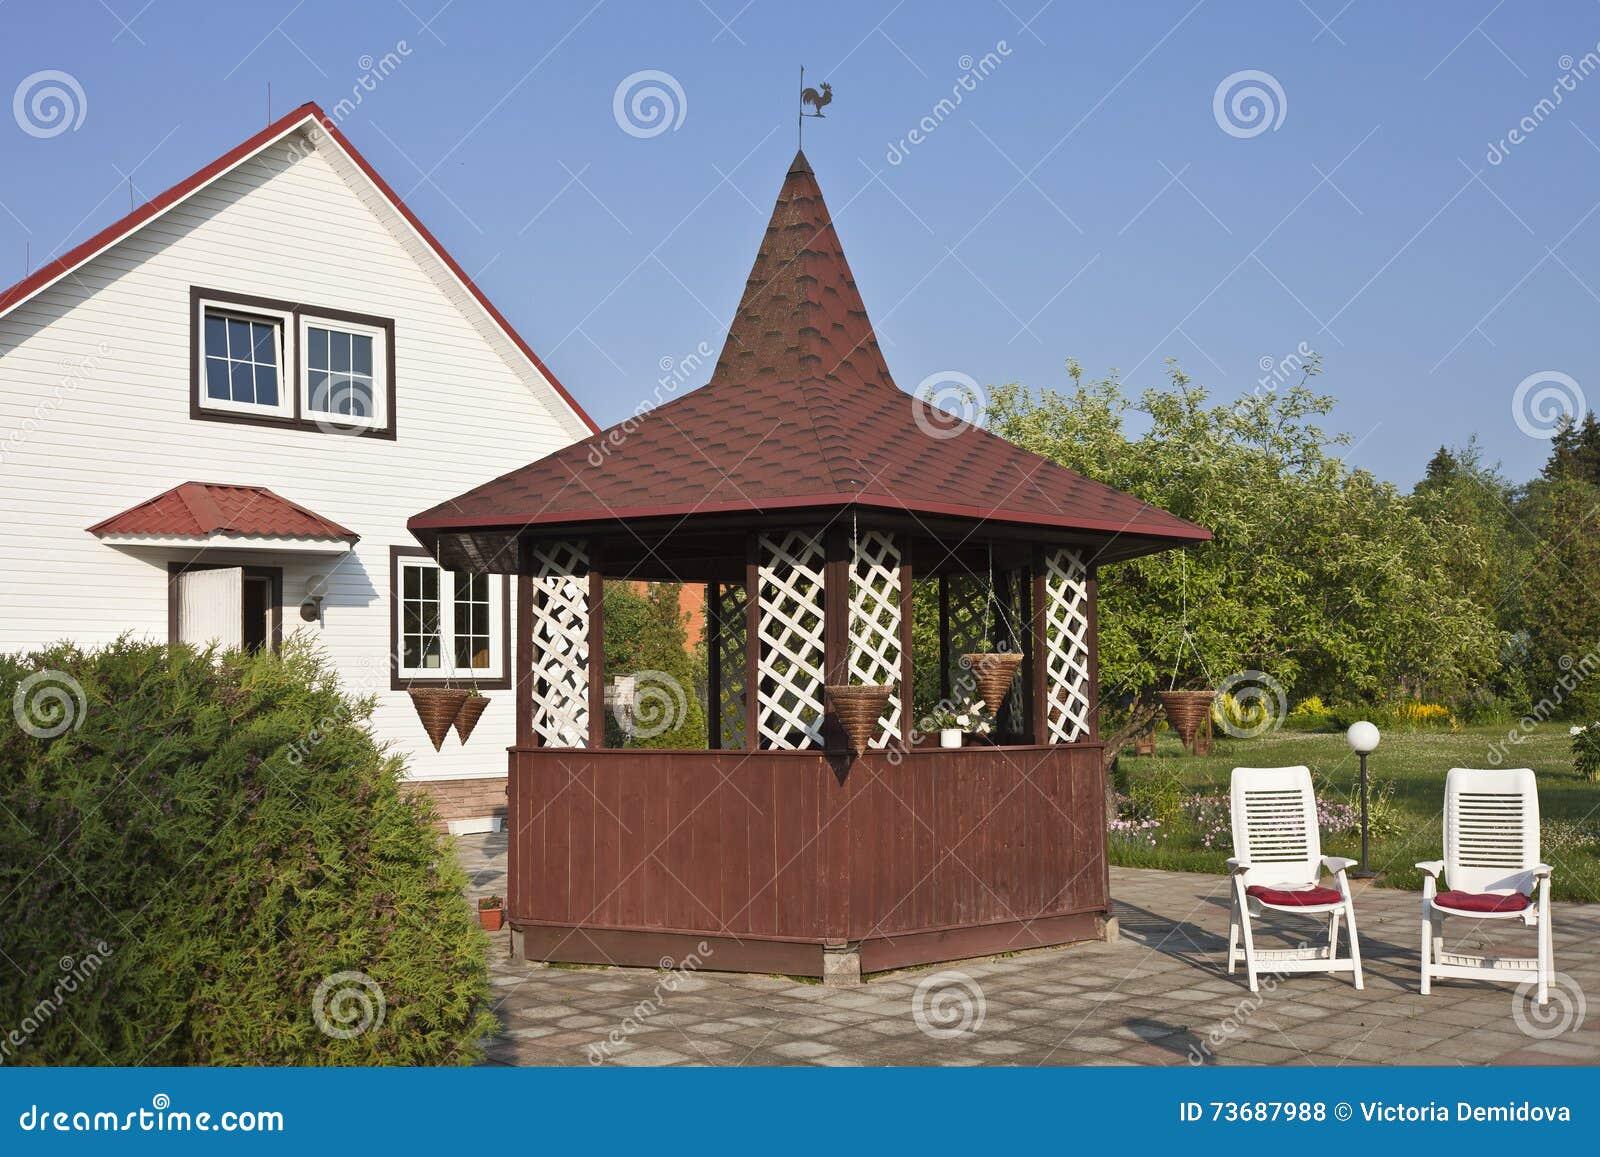 Download Gartenhaus Mit Rotem Dach Und Garten Stockfoto   Bild Von  Dachboden, Flora: 73687988